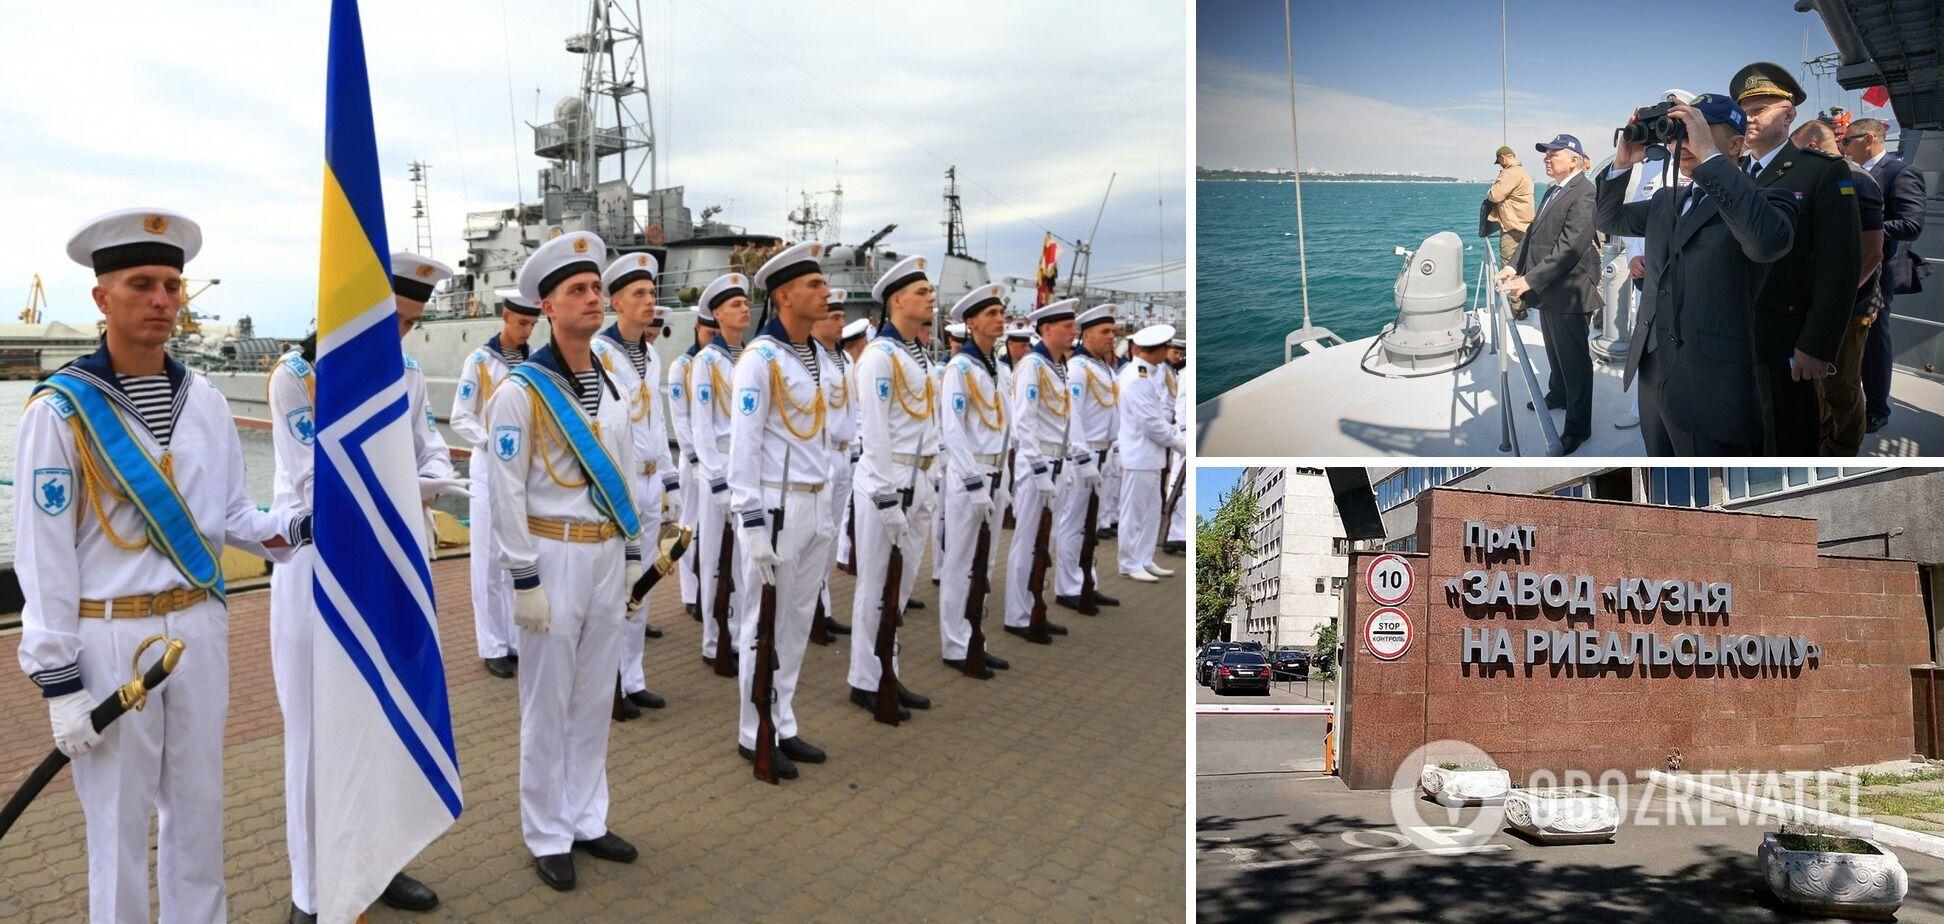 'Кузня на Рибальському' привітала ВМС зі святом і розповіла про будівництво нових кораблів